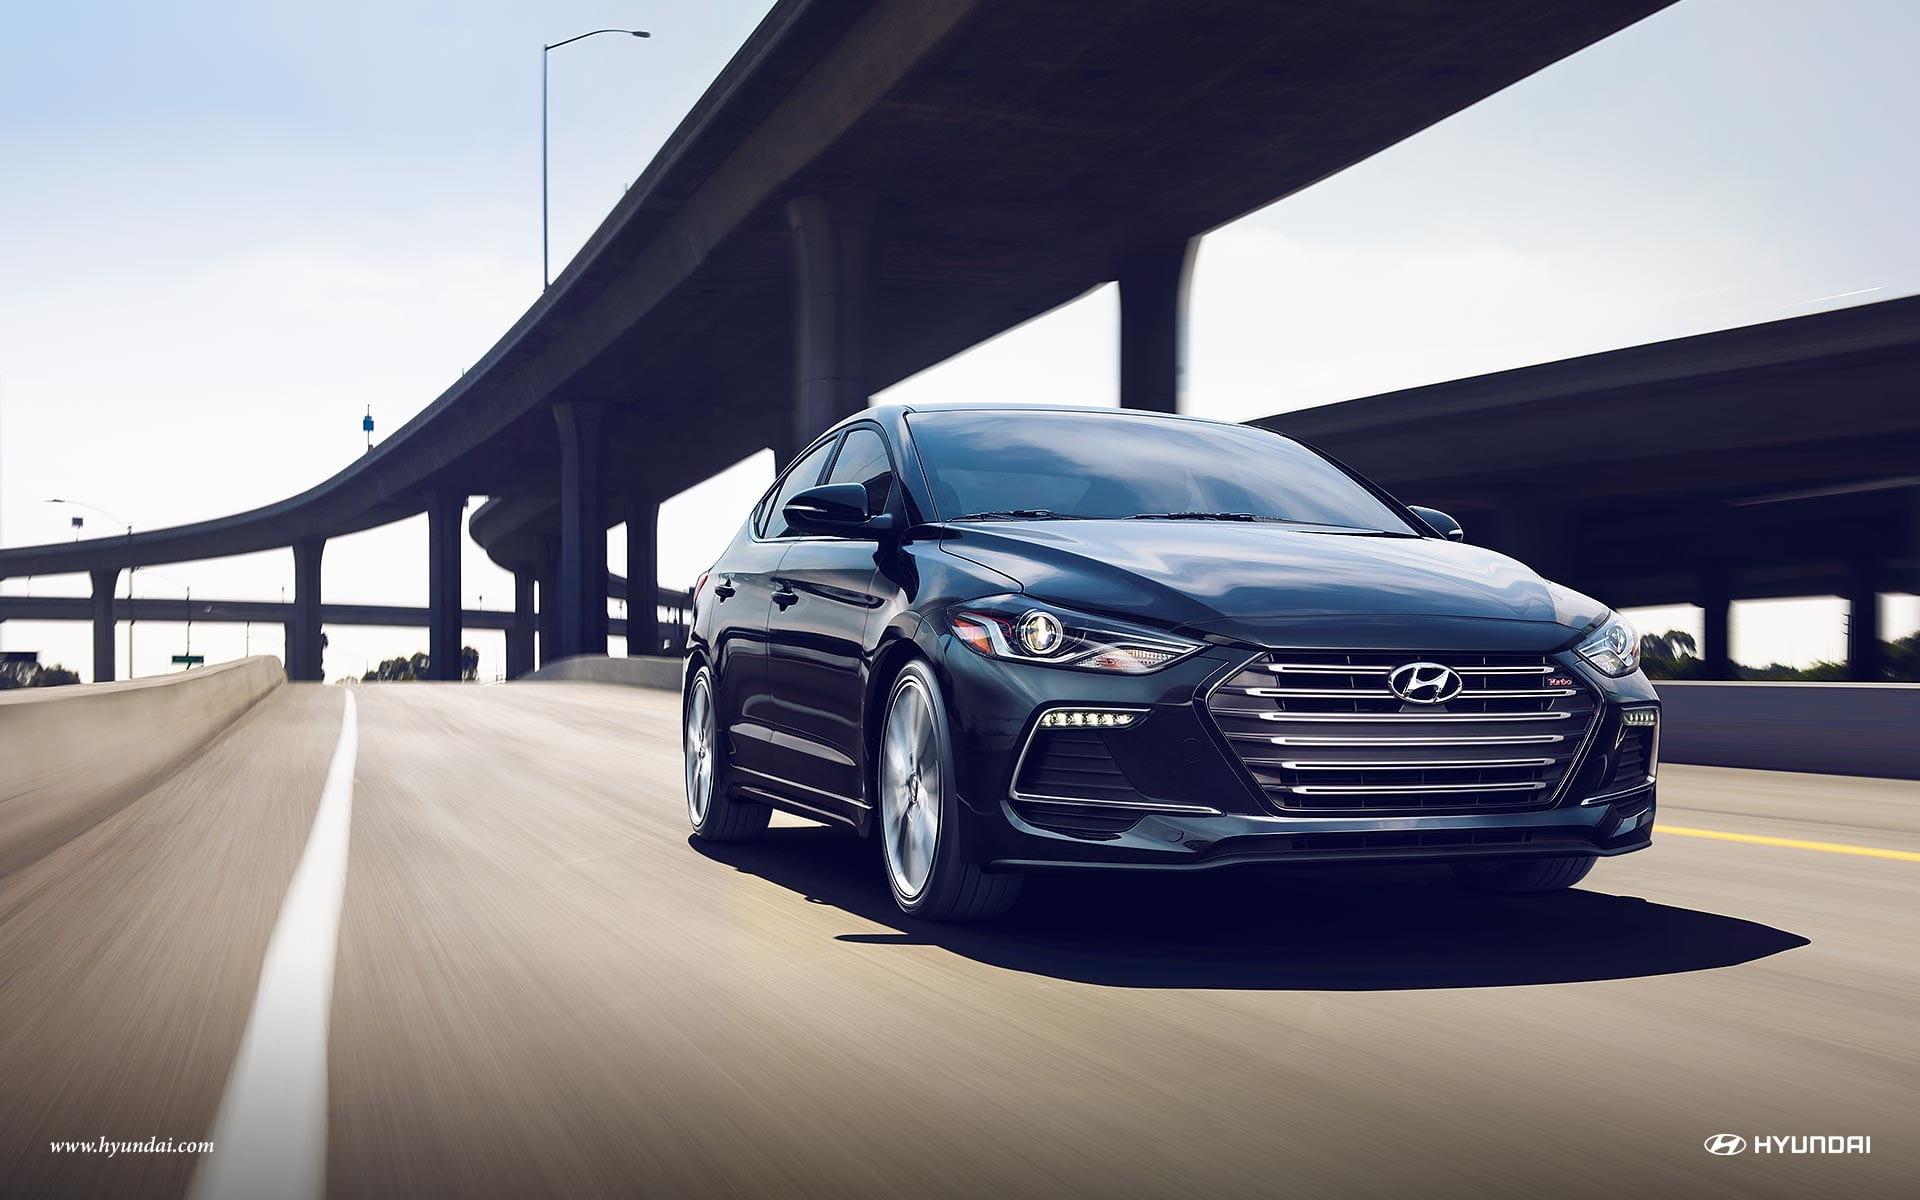 2017 Top 7 Safest Cars  CarNewsCafecom